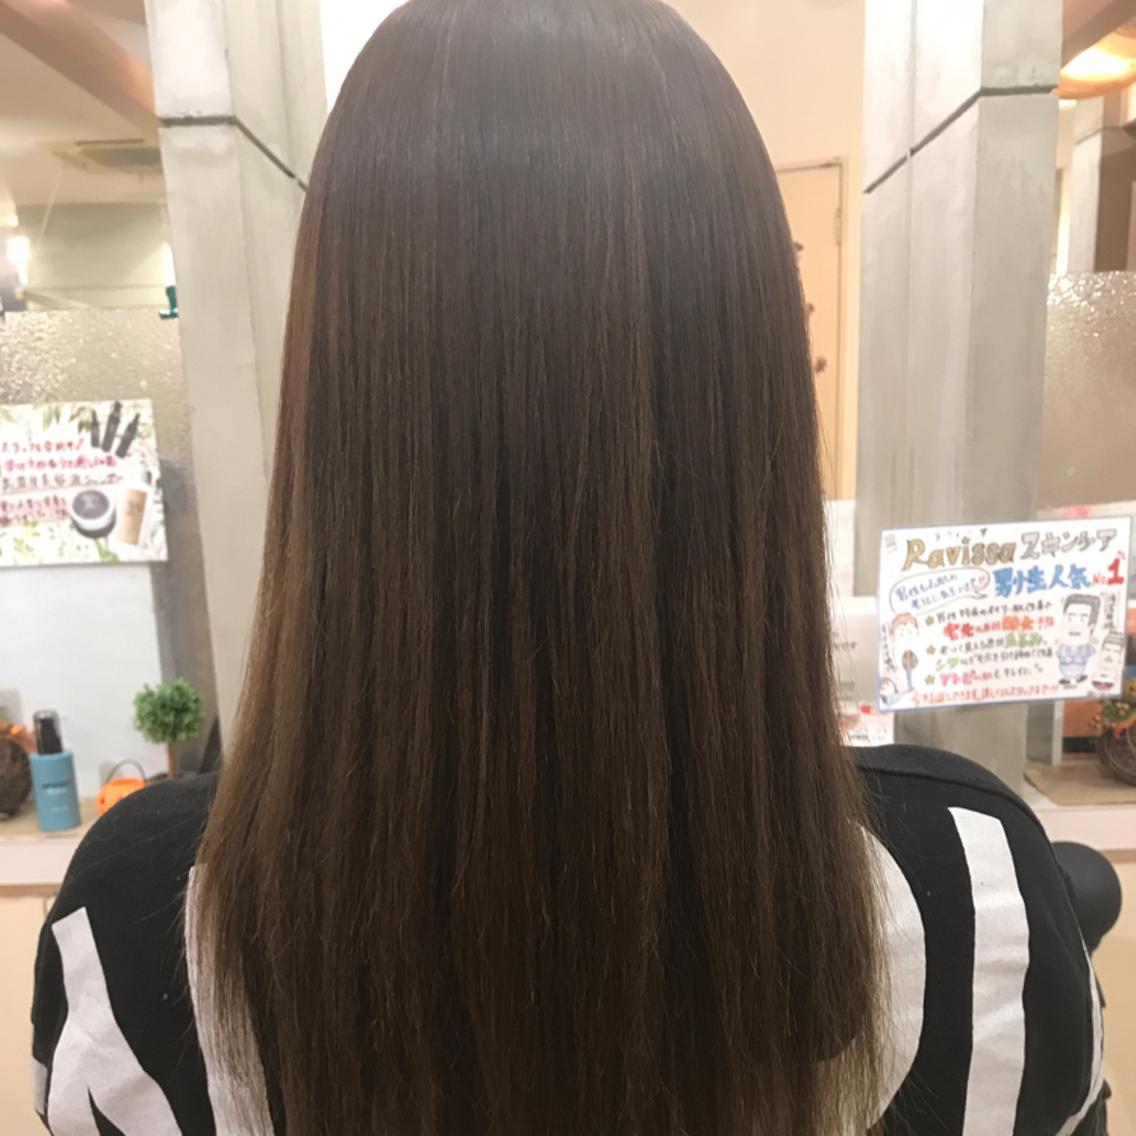 カラーモデル、縮毛矯正モデル、パーマモデル大募集⭐️#バレイヤージュ  #ミルクティー  #ハイトーンカラー  #イルミナカラー  #グレージュ  #インナーカラー#ツヤ髪